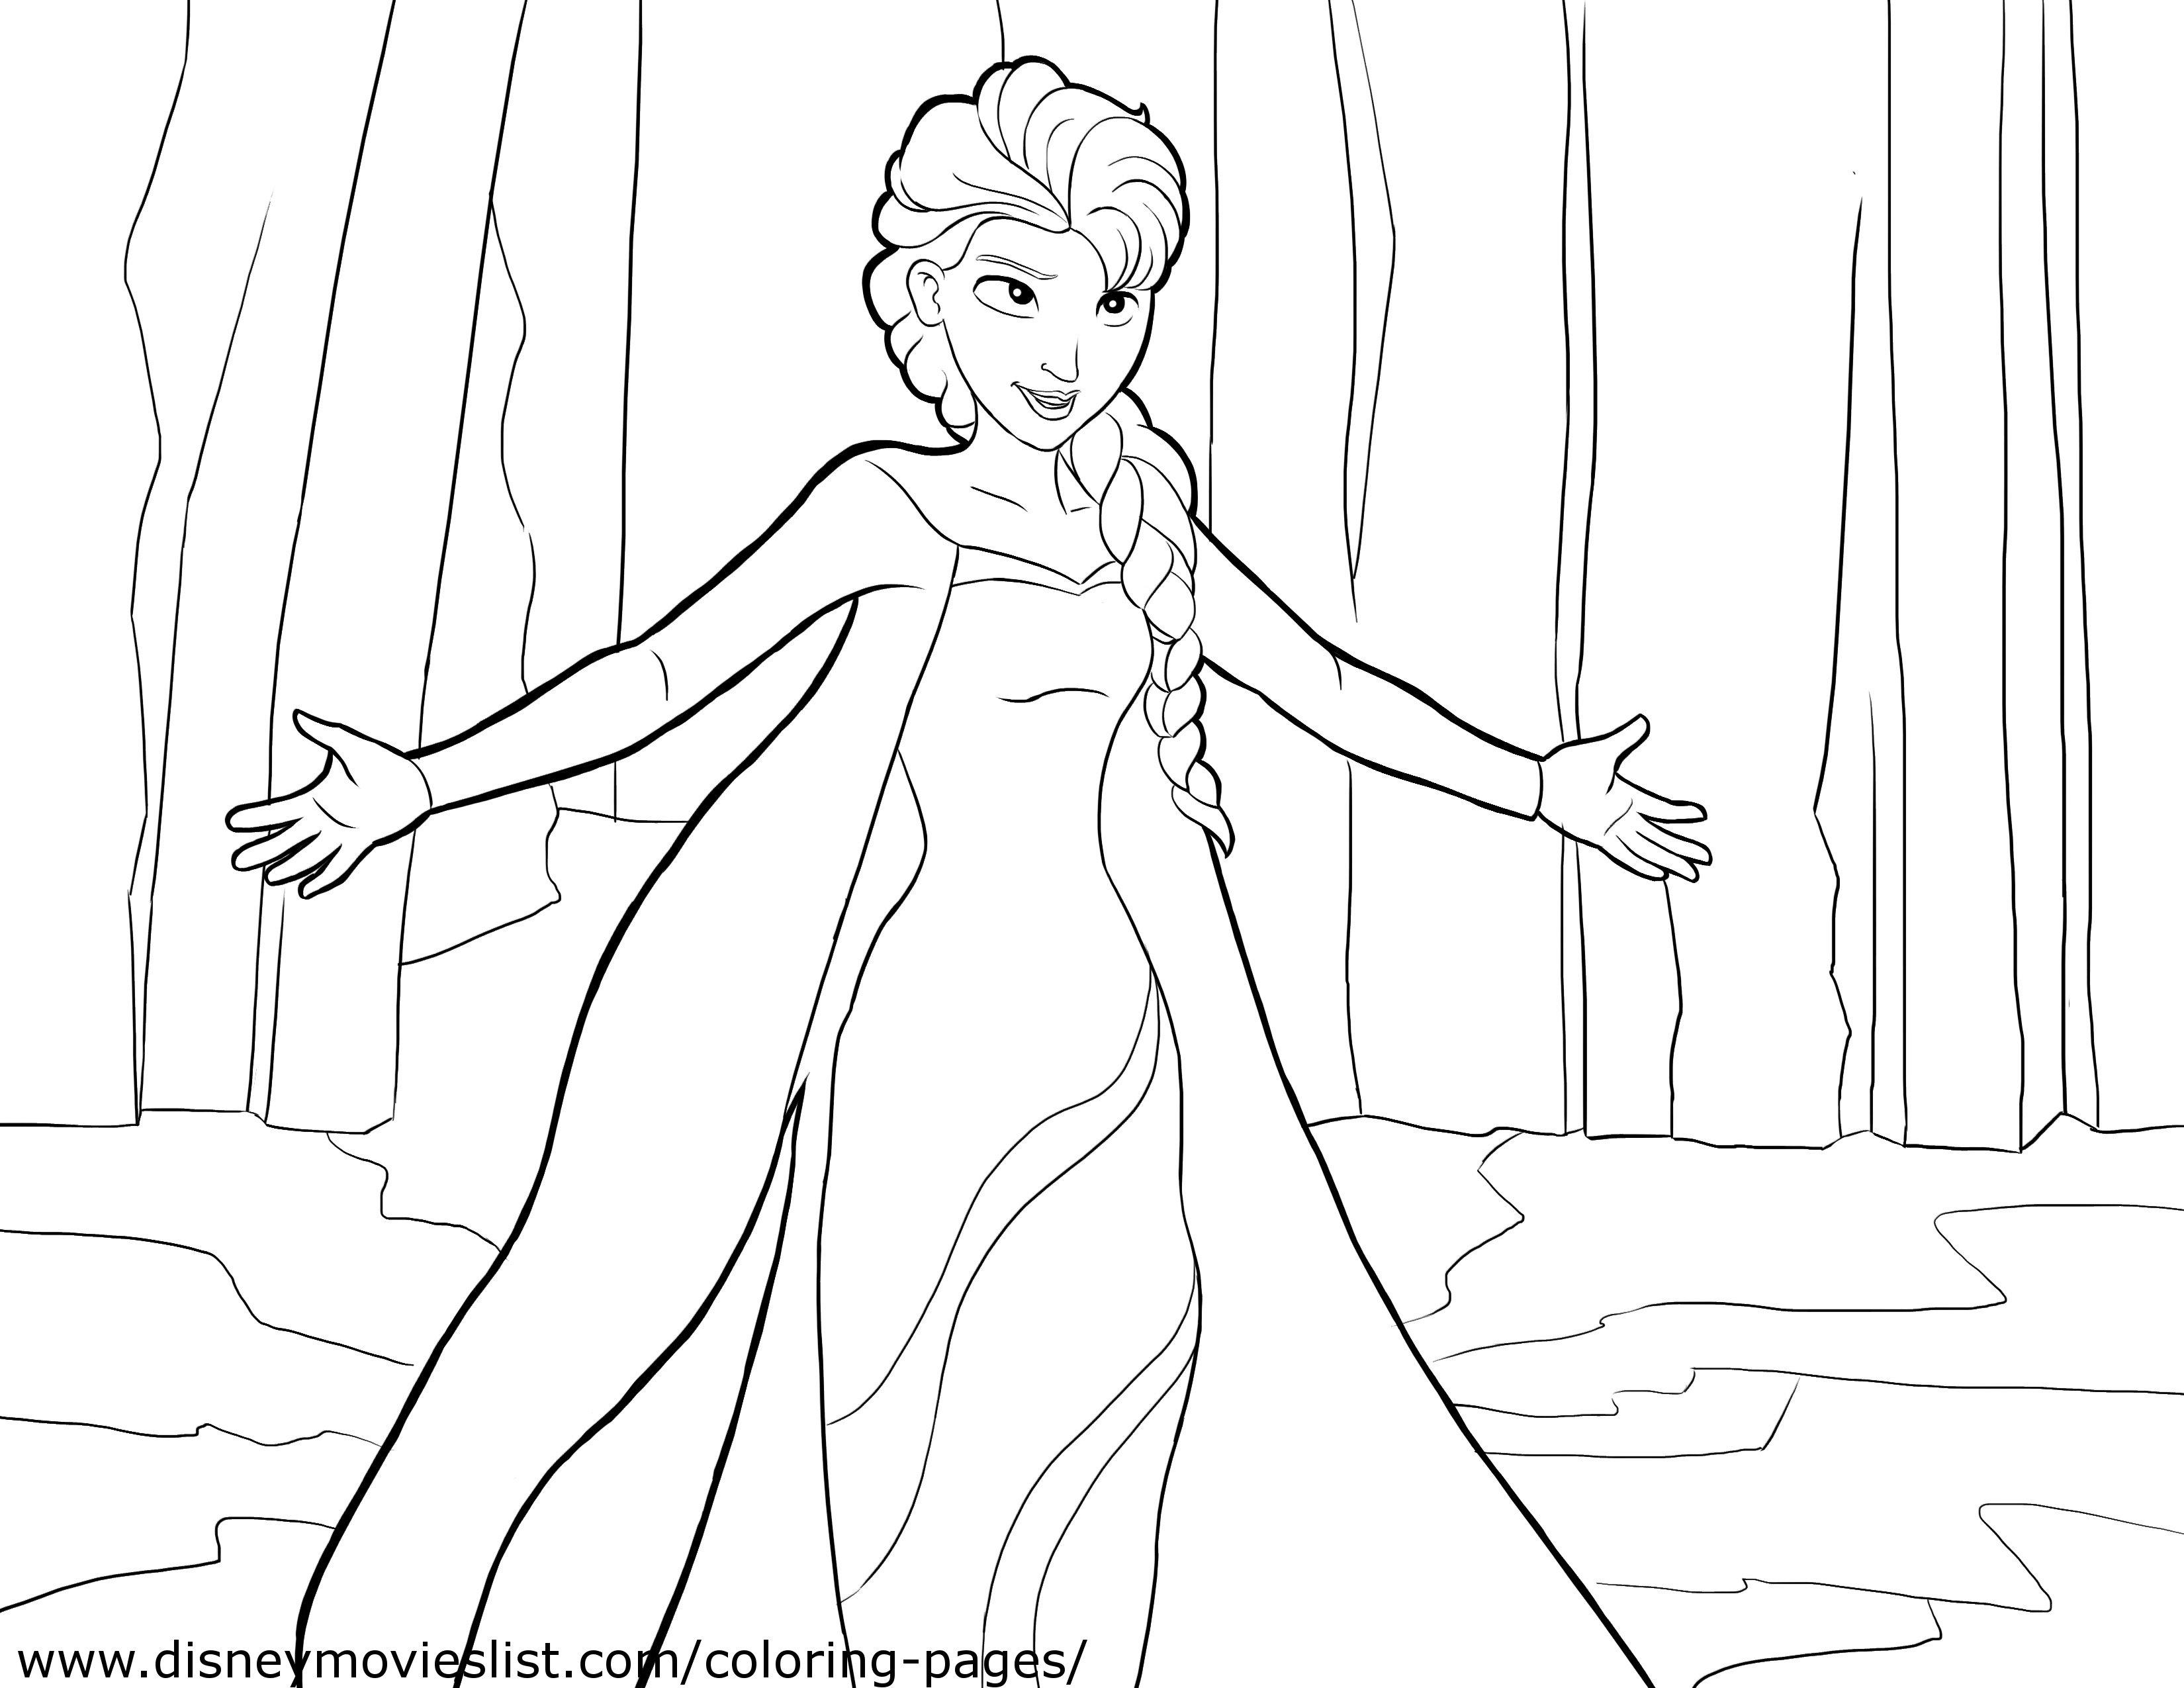 Koleksi Gambar Untuk Mewarna Frozen Dengan Aksi Menarik